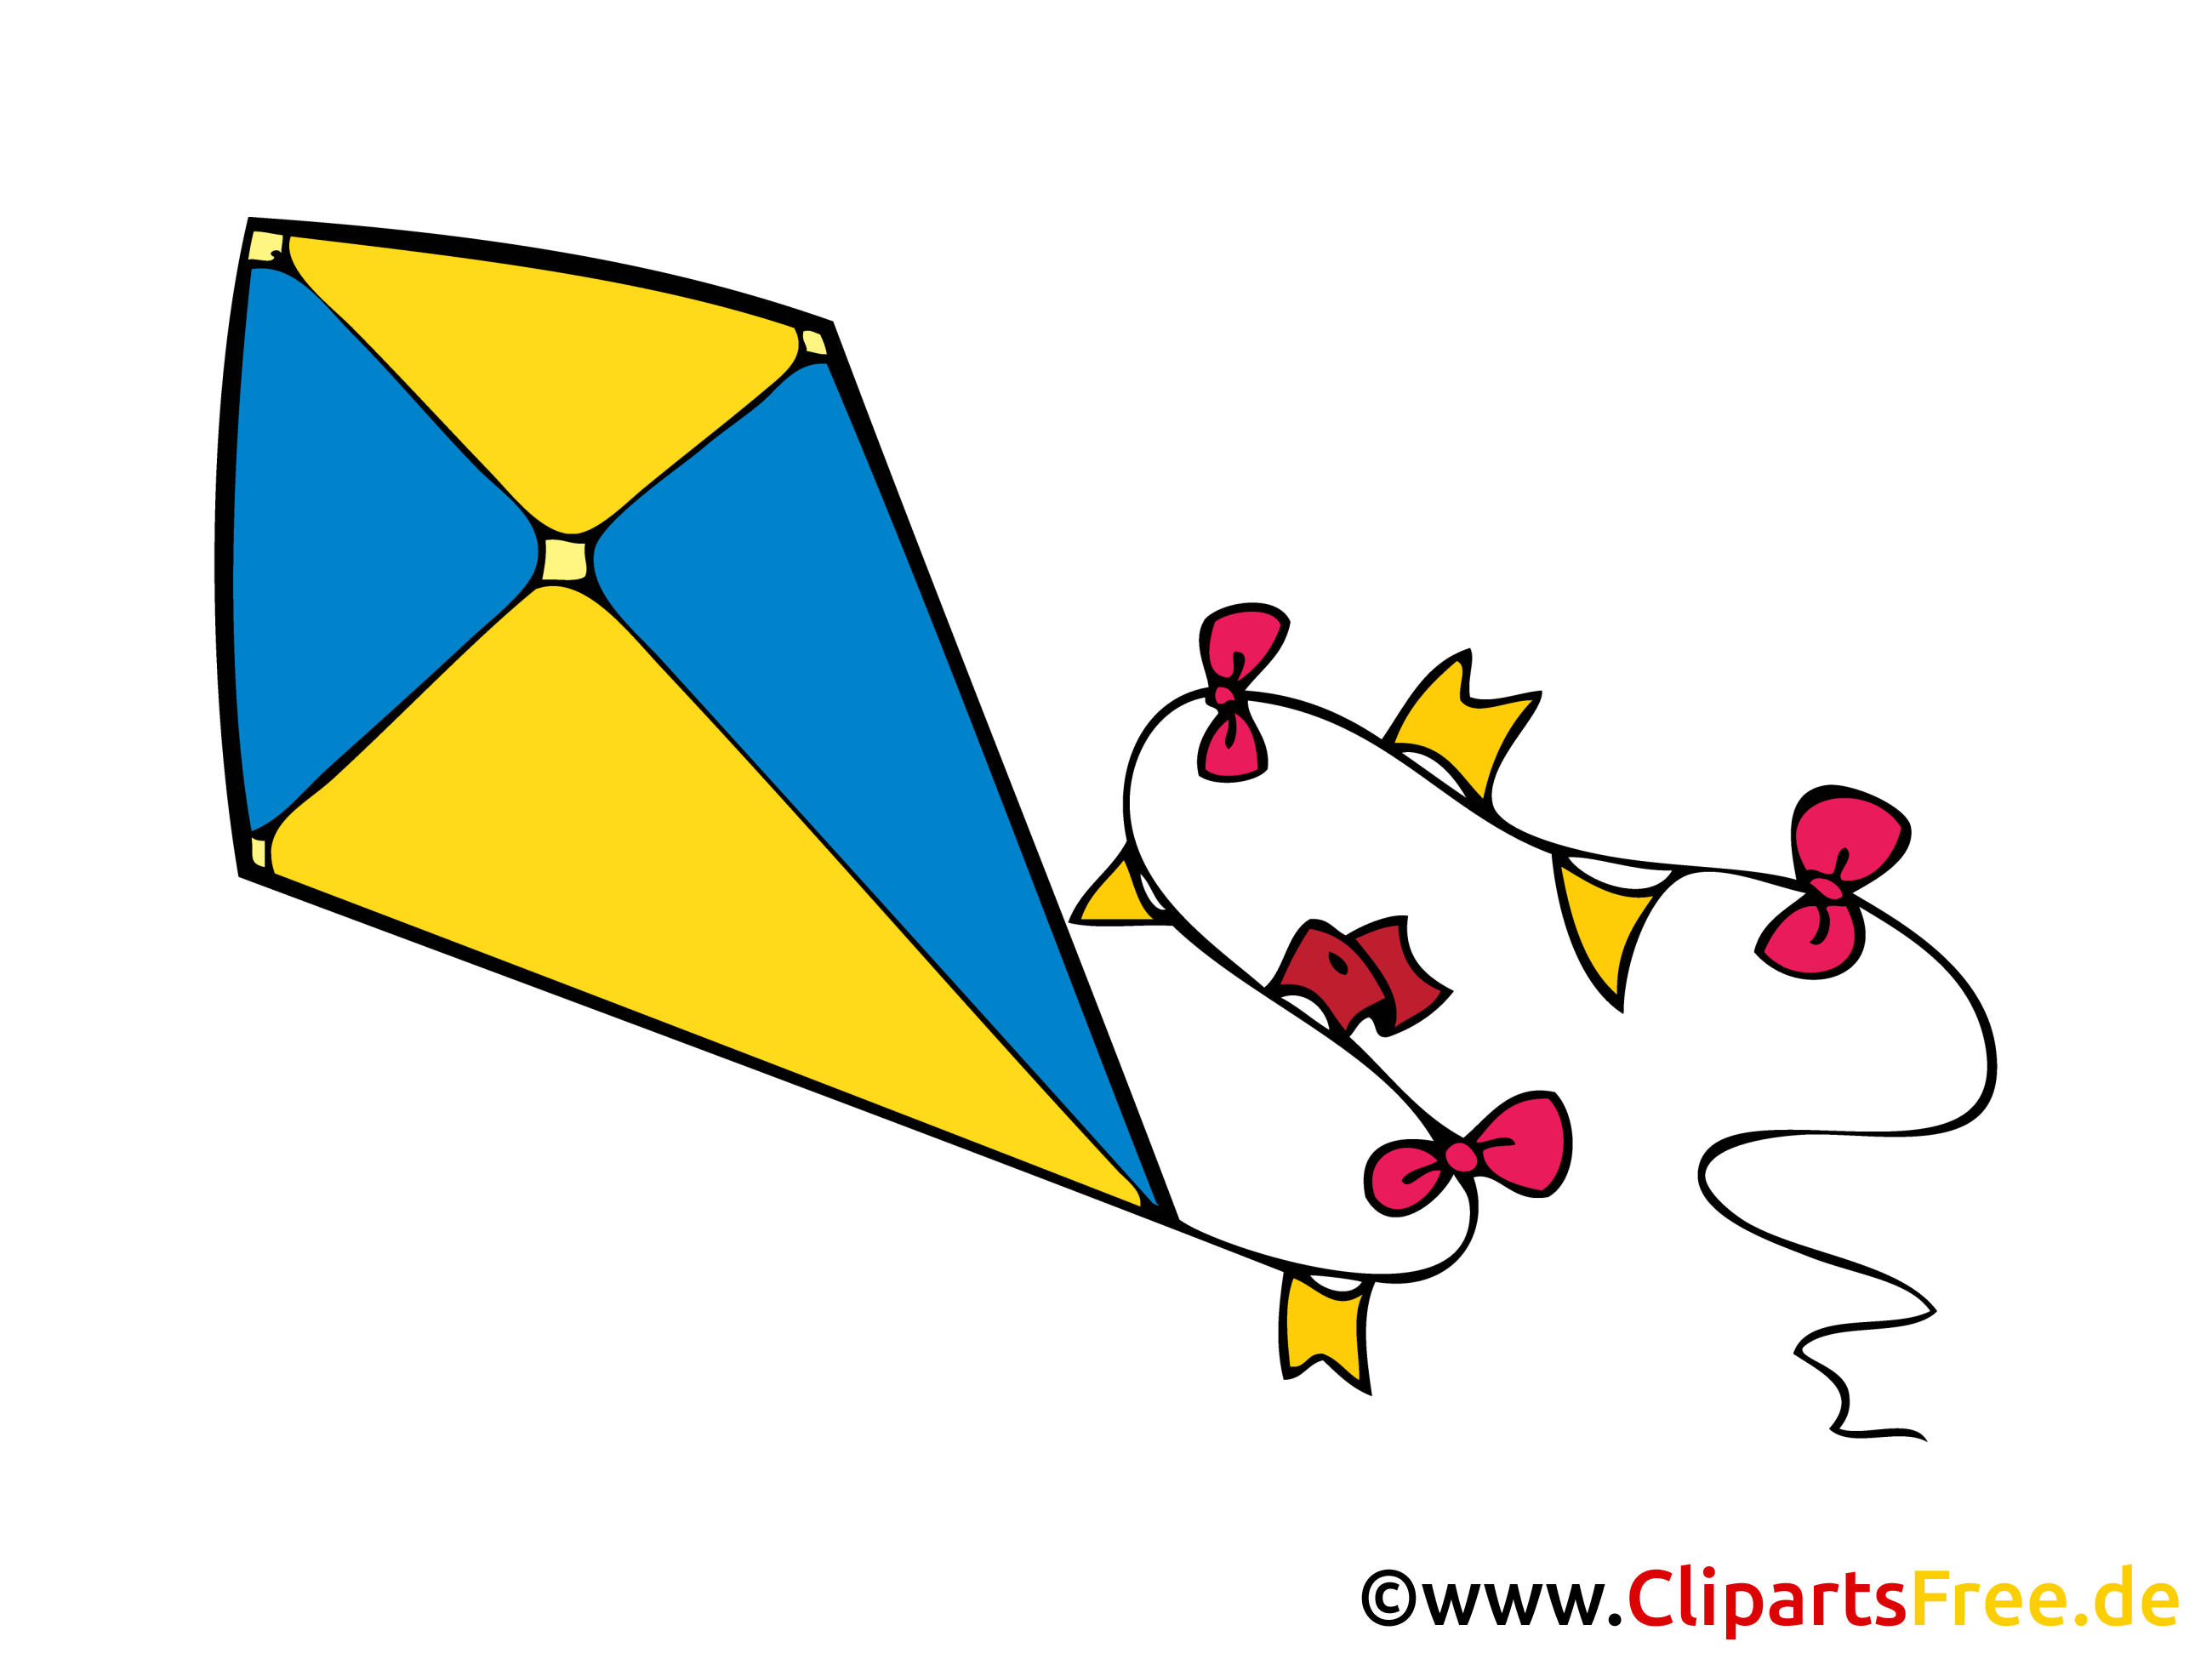 Cerf Volant Clipart Dessins Gratuits Objets Dessin Picture Image Graphic Clip Art Telecharger Gratuit